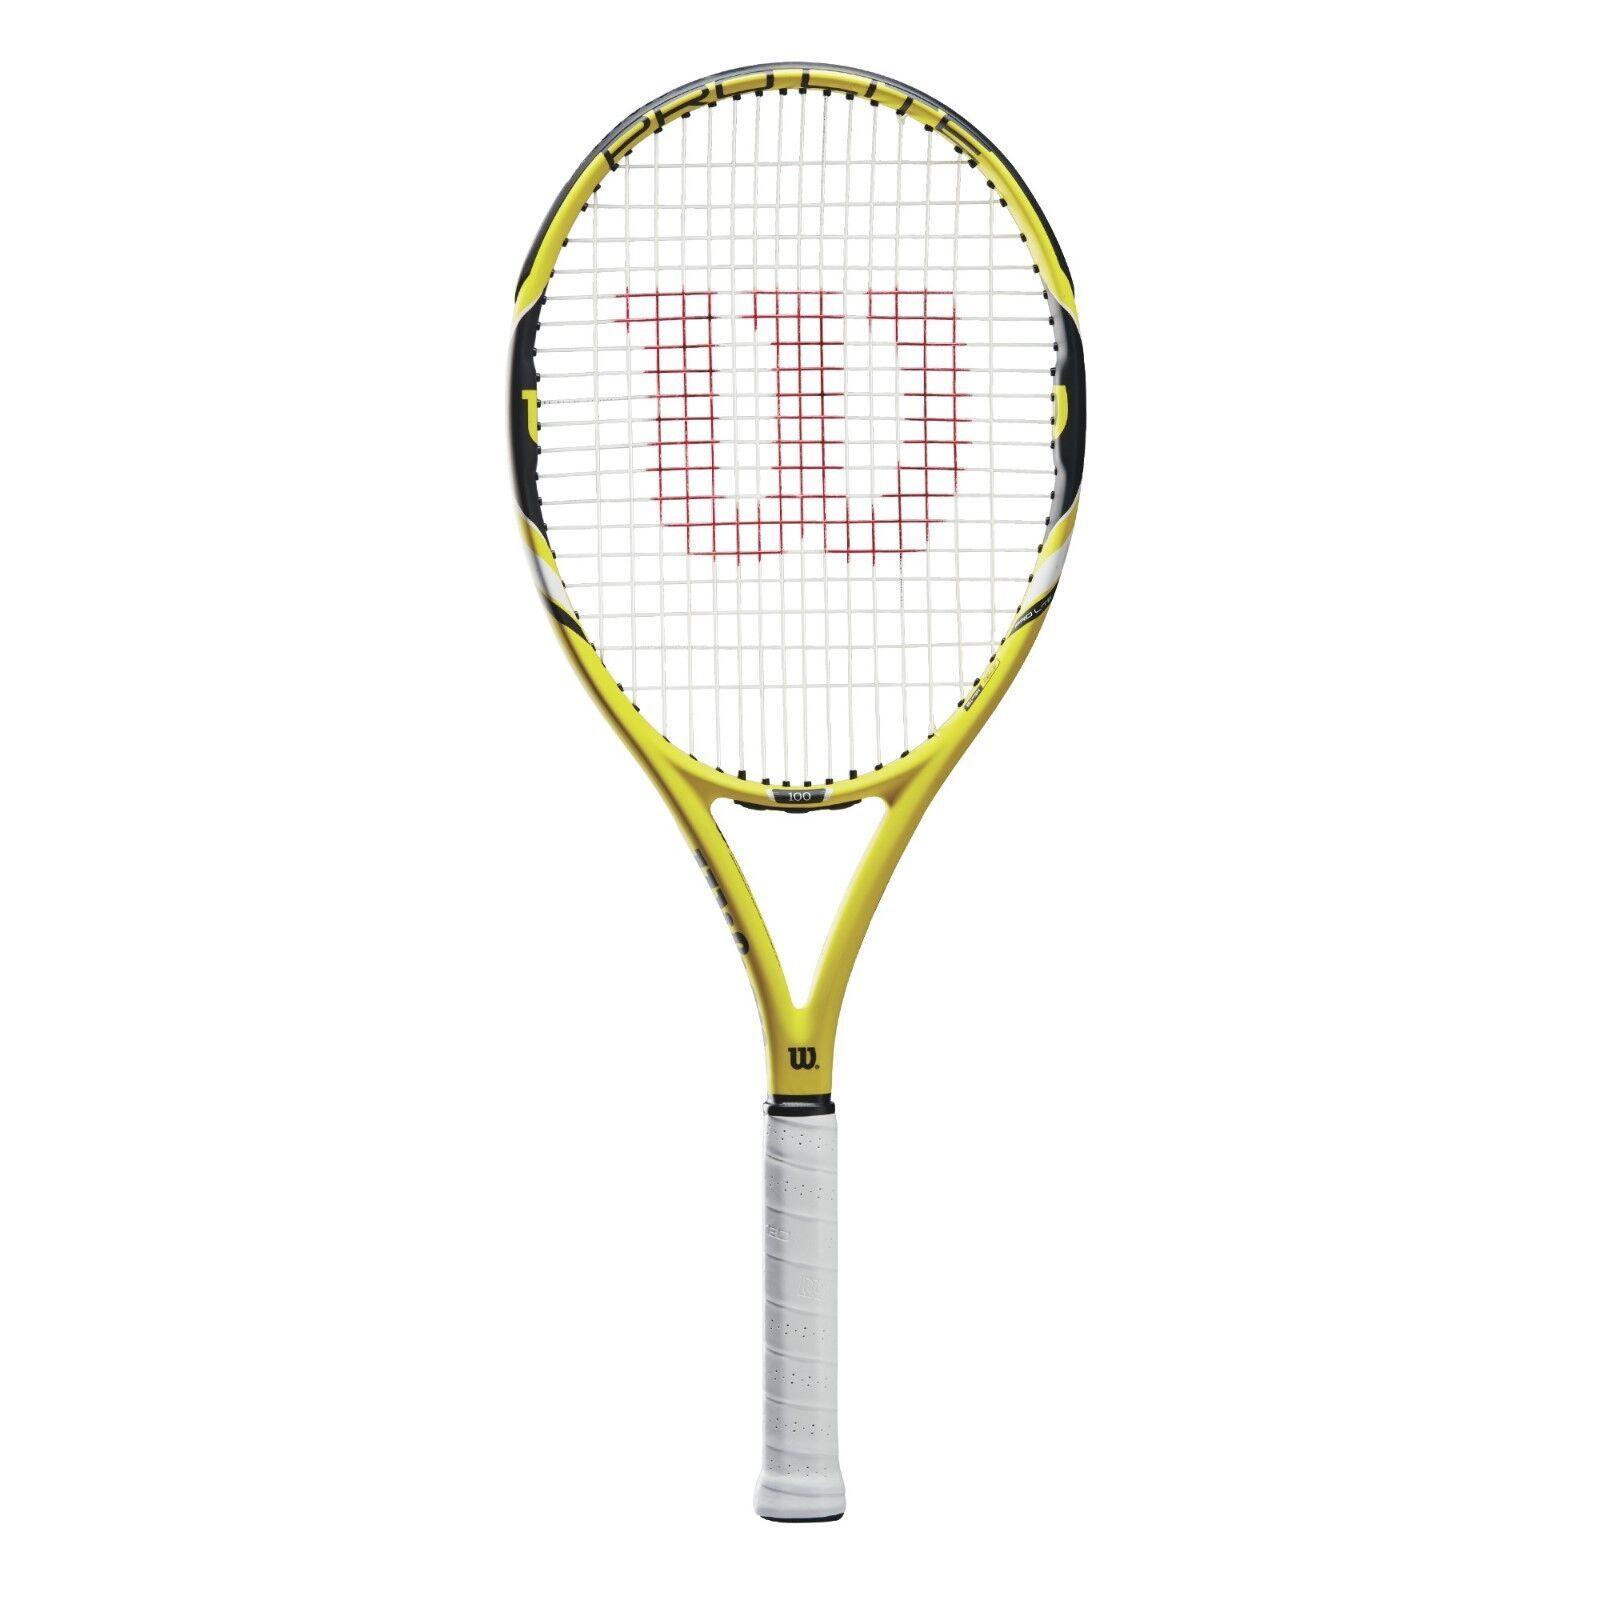 Wilson Pro Lite 100 Gelb besaitet Griff L2  4 1 4 Tennischläger Tennis Raquet